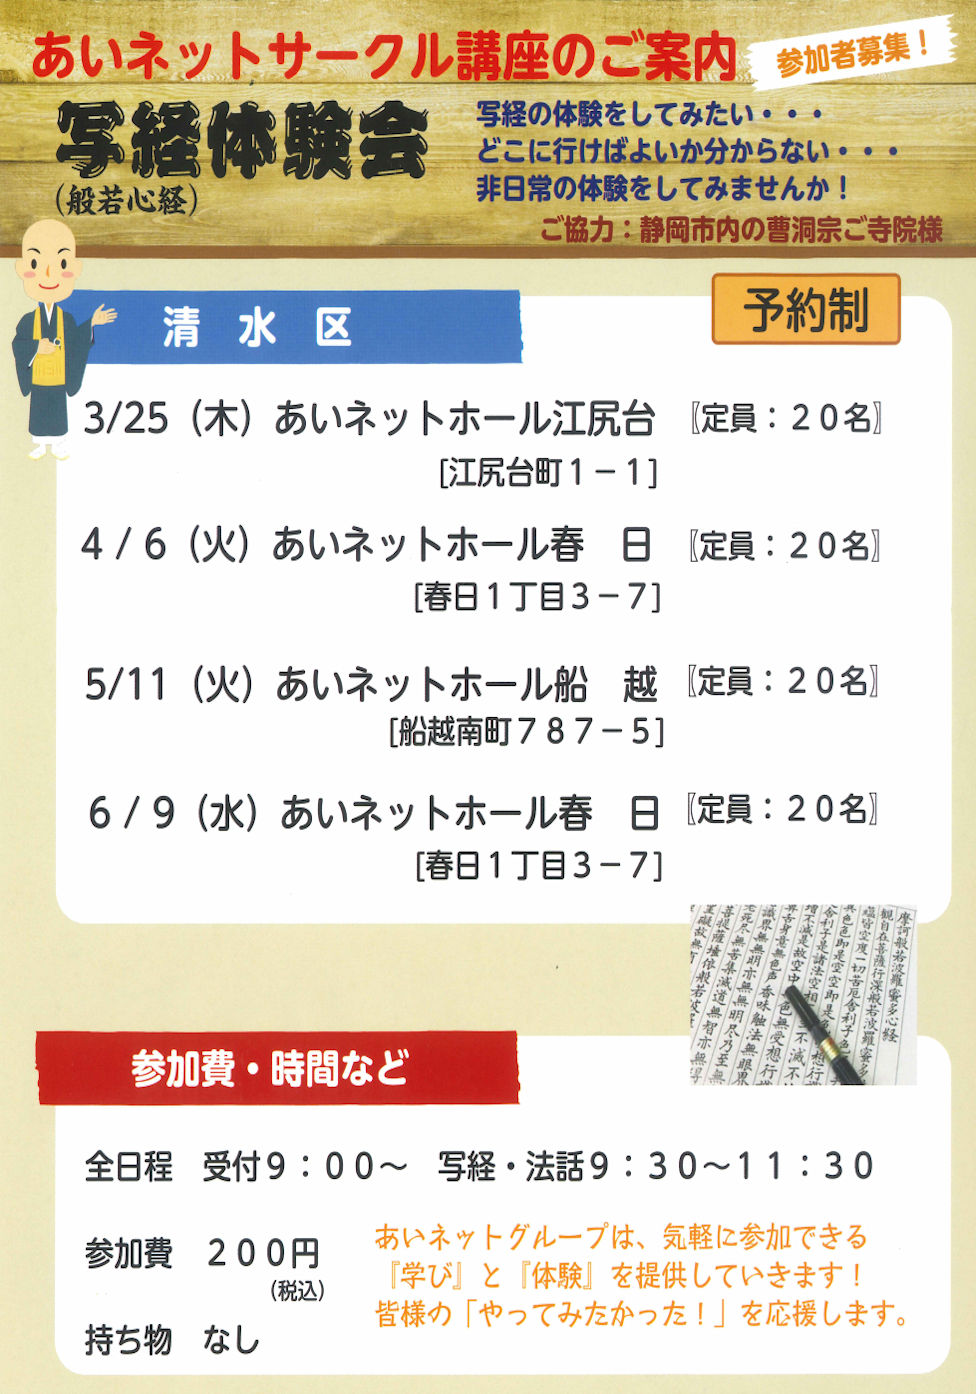 【3/25開催】☆あいネットサークル☆写経(般若心経)と法話の体験会~清水区~